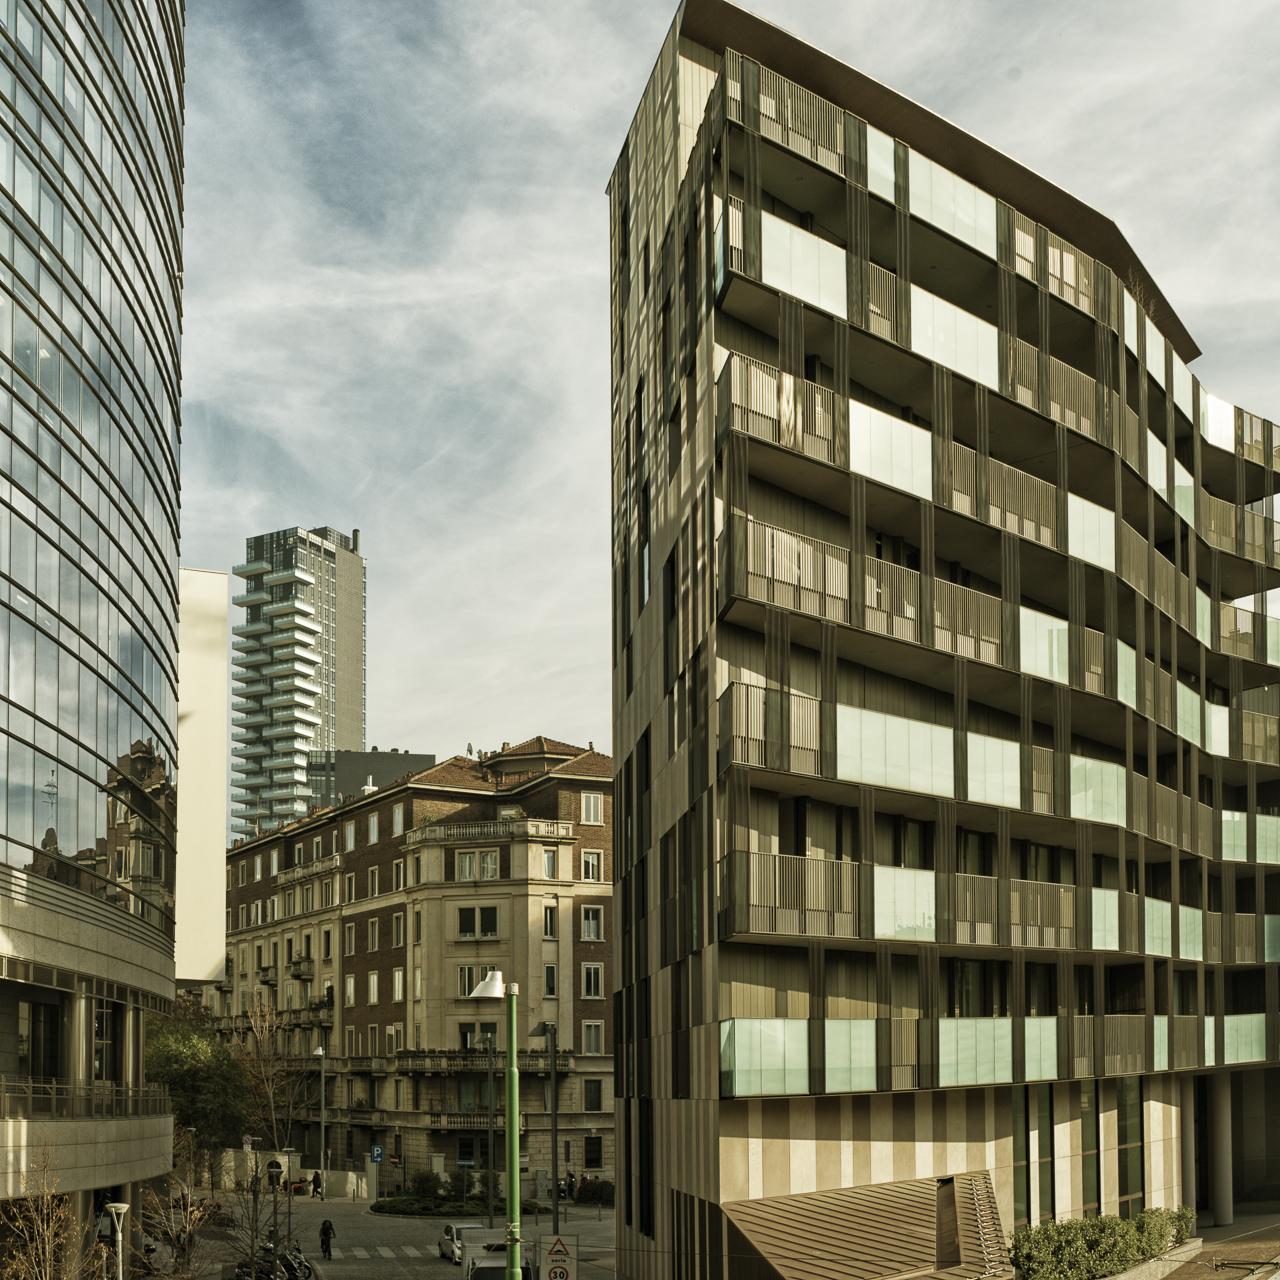 Cino Zucchi Arcitetti / residential building La Corte Verde - Milano